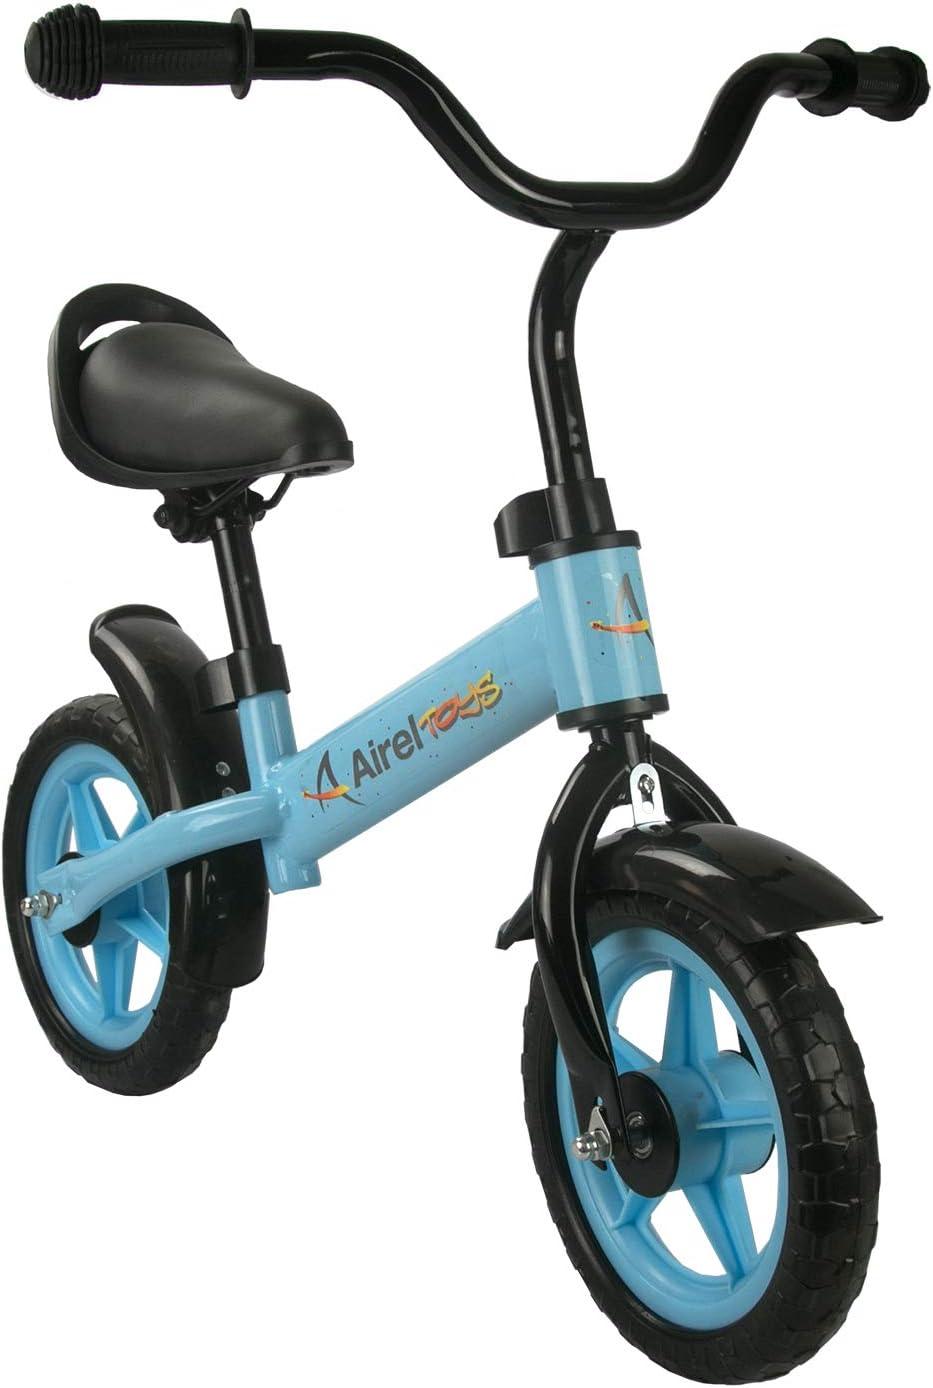 Airel Bicicleta Equilibrio para Niños | Bicicleta Sin Pedales | Bicicleta Sin Pedales Infantil | Correpasillos | De 2 a 6 años